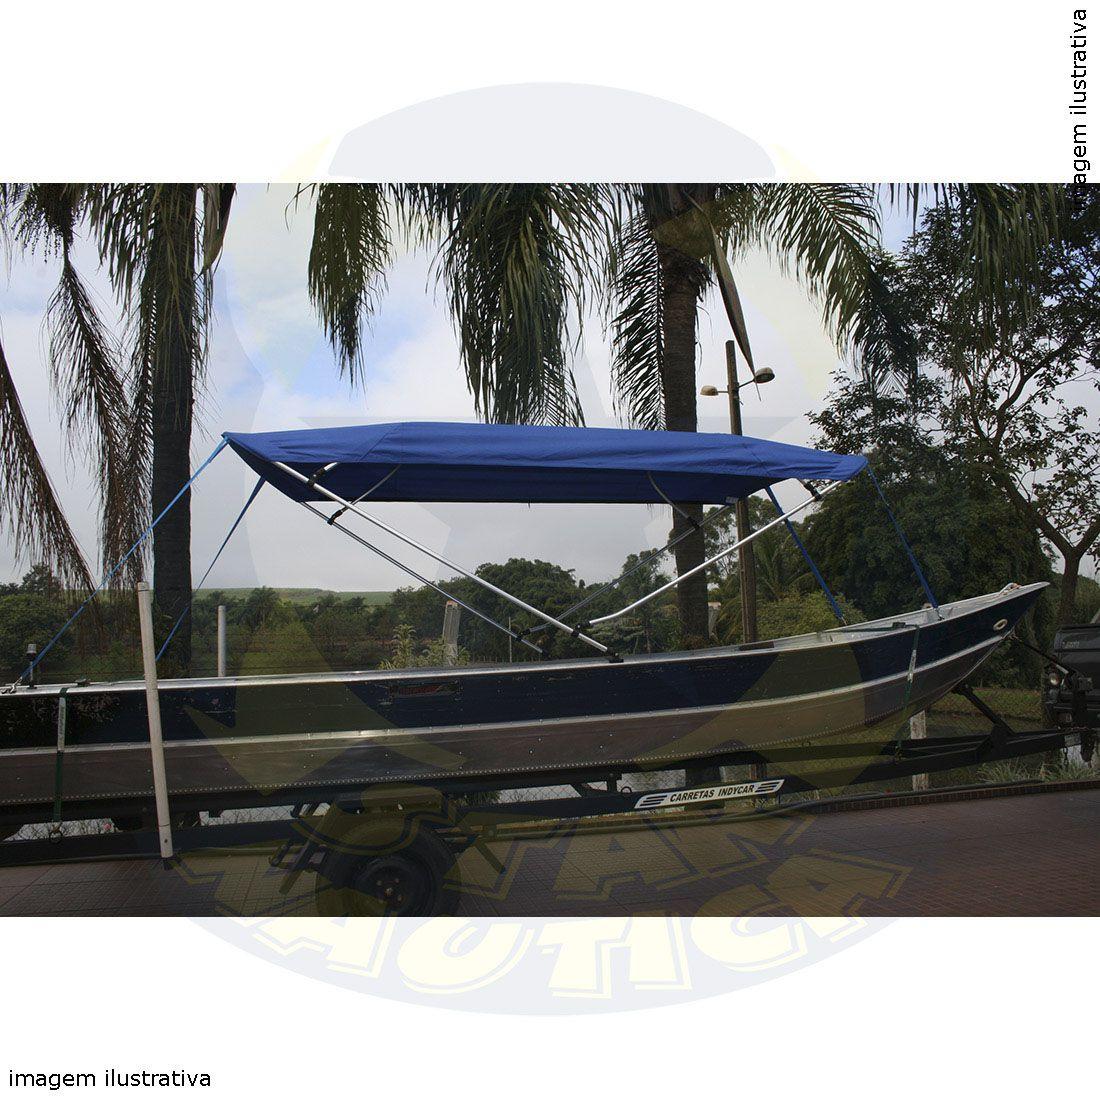 Capota Toldo Barco Pety 600 Poliéster 4 Arcos Tubo 7/8